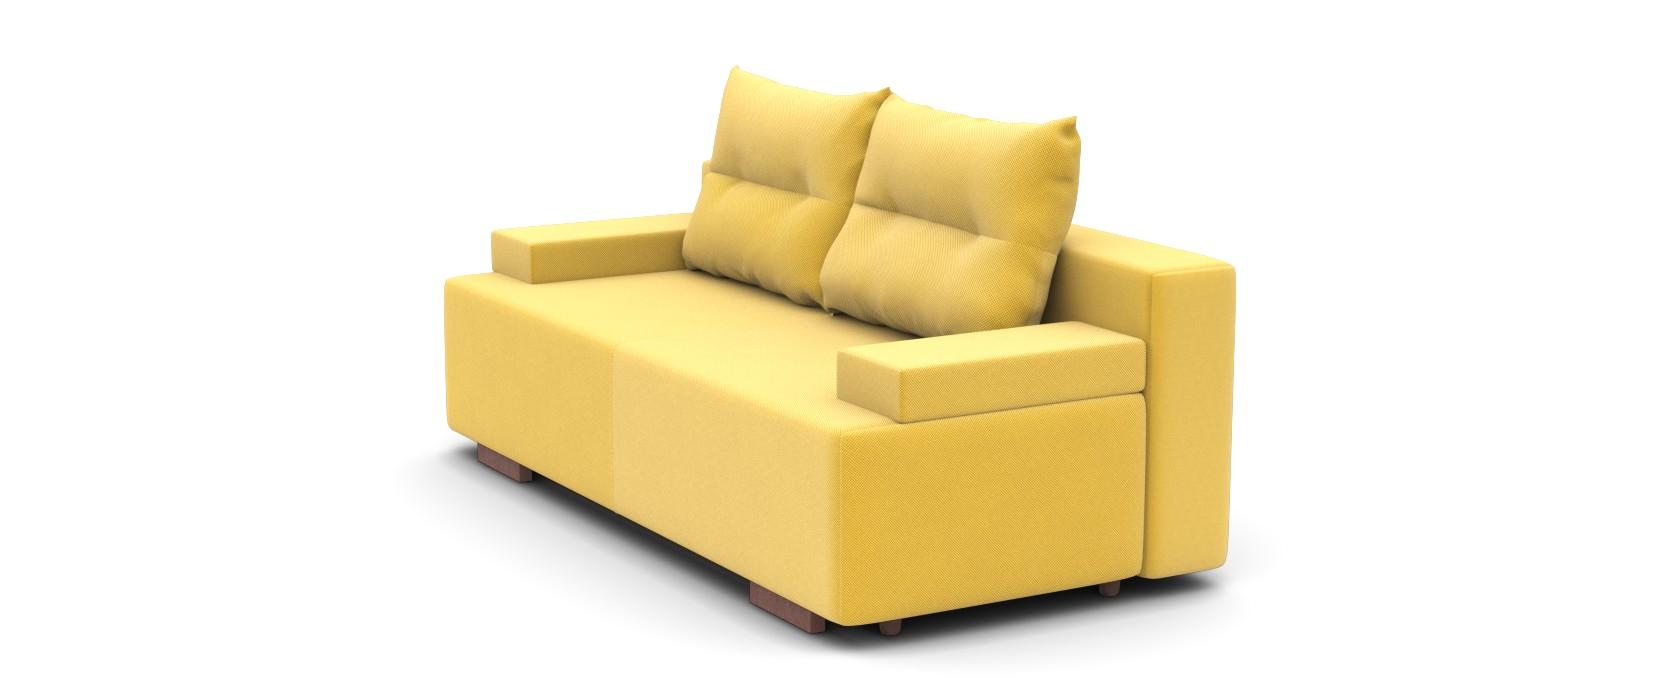 Трехместный диван Marta